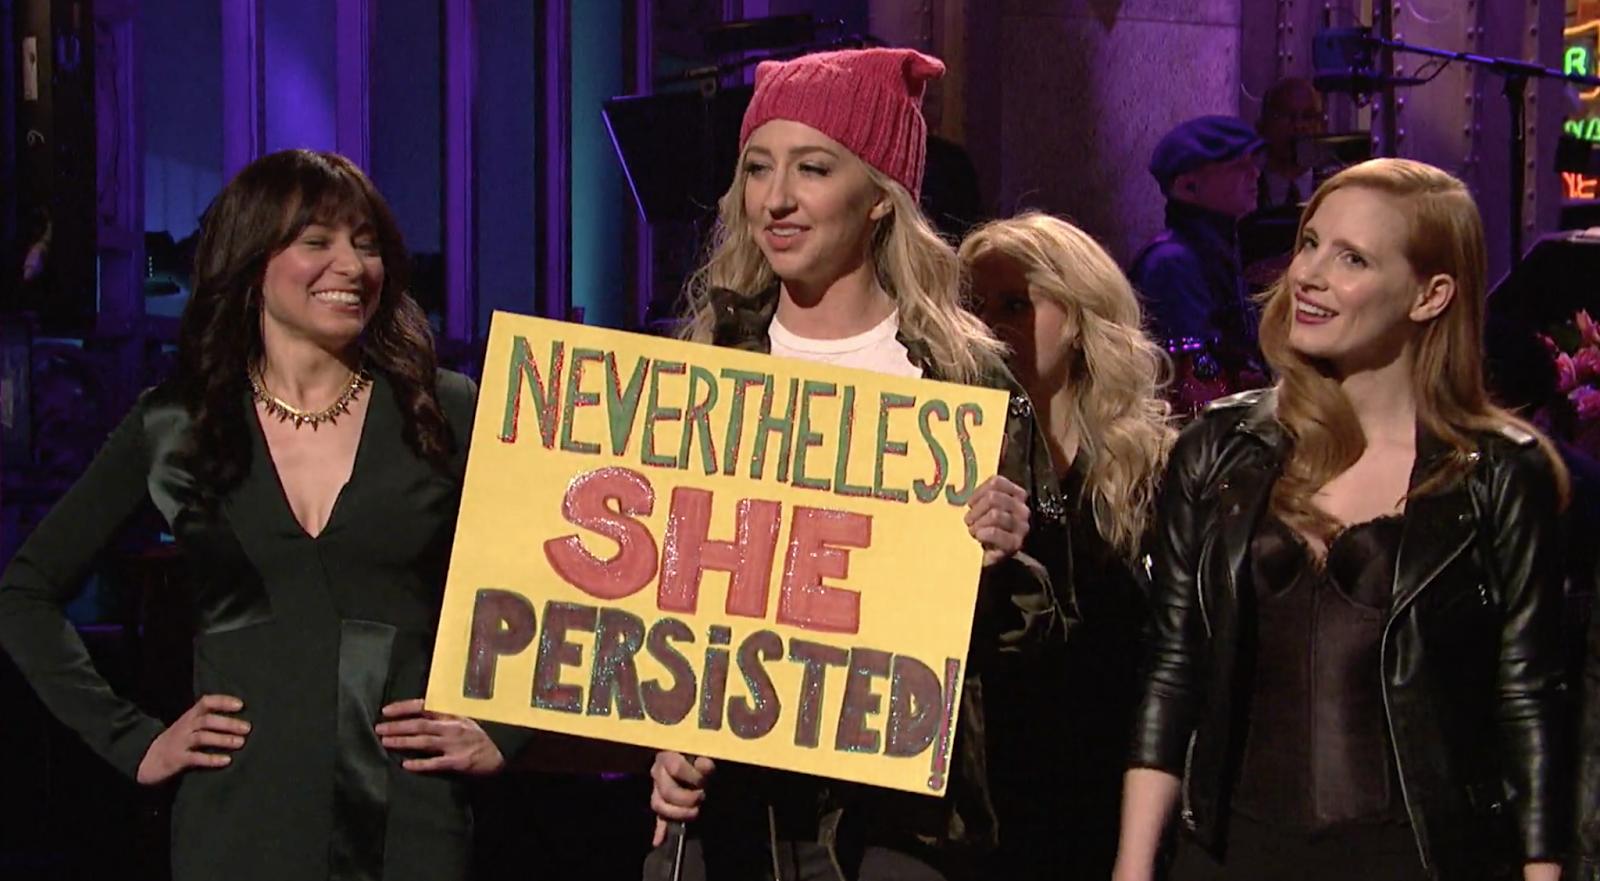 Saturday Night Live Report Card: Season 43, Episode 11